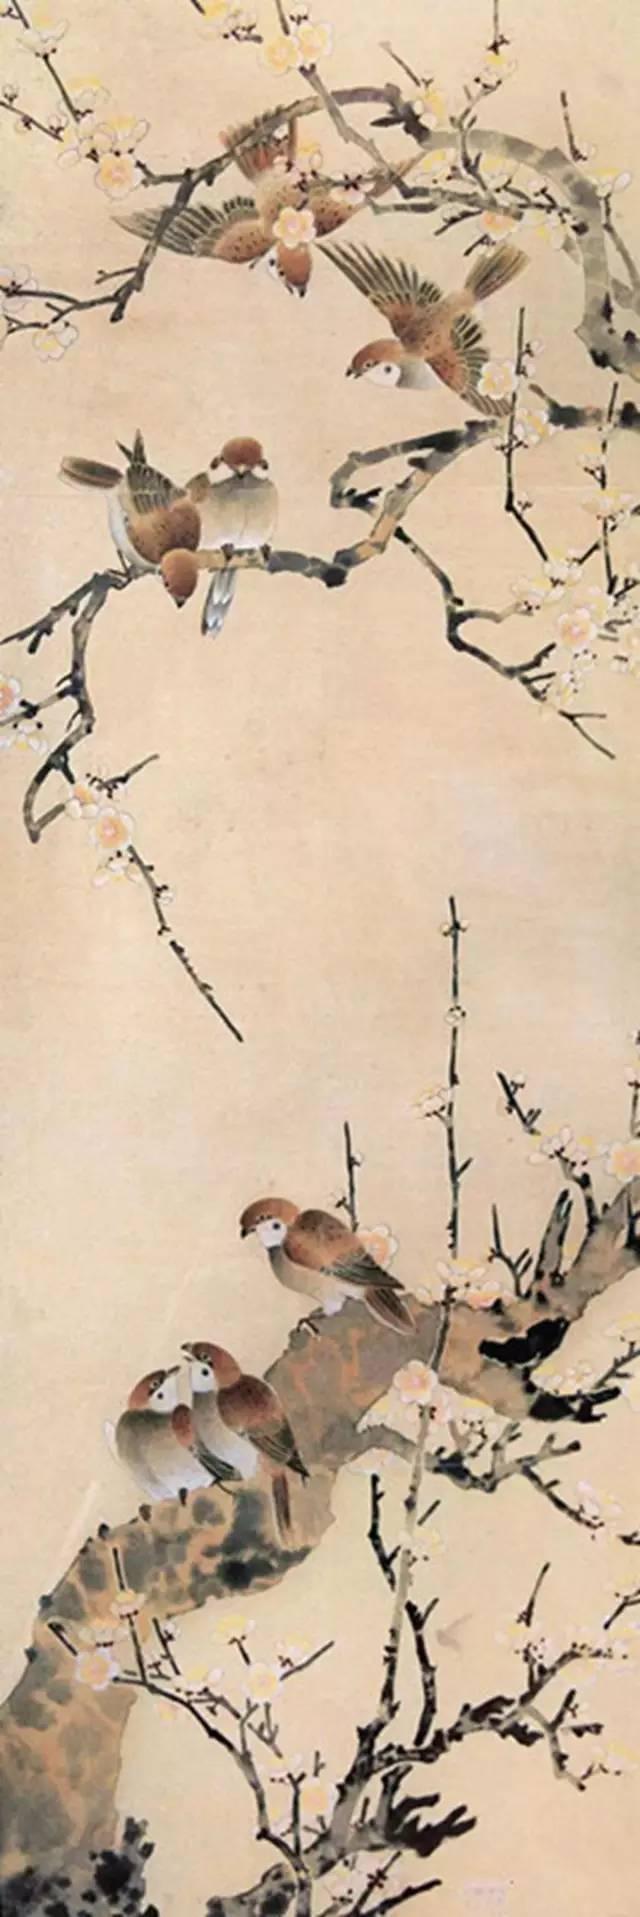 陈之佛工笔花鸟作品欣赏